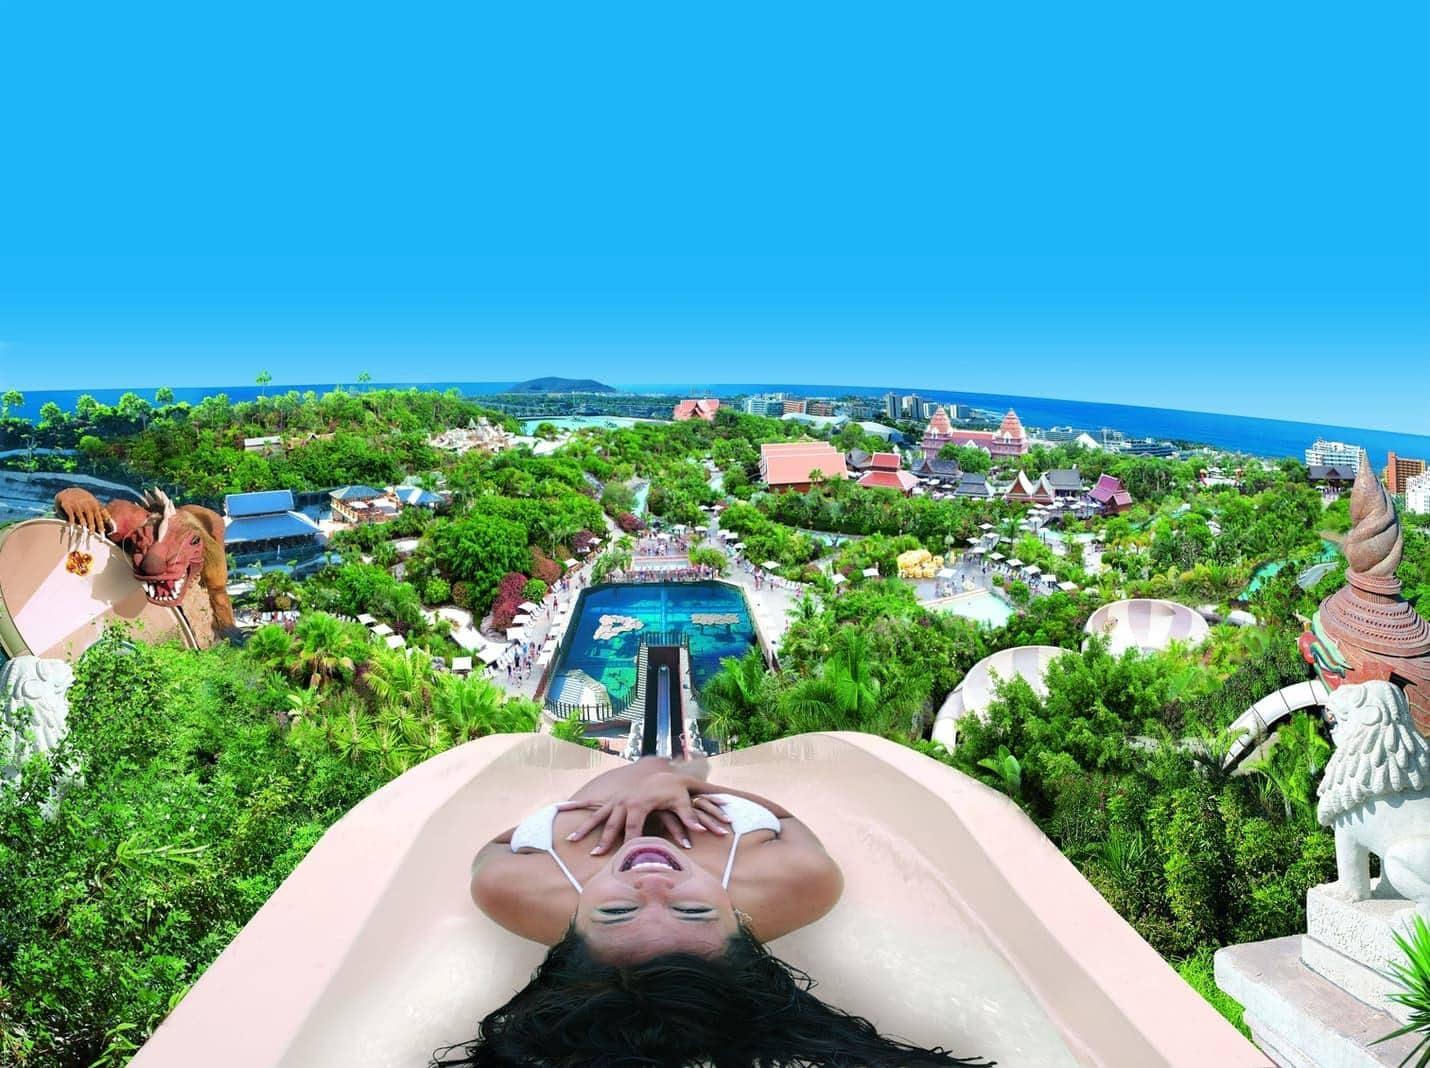 <p>Der vierte Platz geht an den italienischen Wasserpark Etnaland. Der Wasserpark auf Sizilien<br />bietet 23 verschiedene Rutschen und ist liebevoll thematisiert.</p> Foto: travelcircus